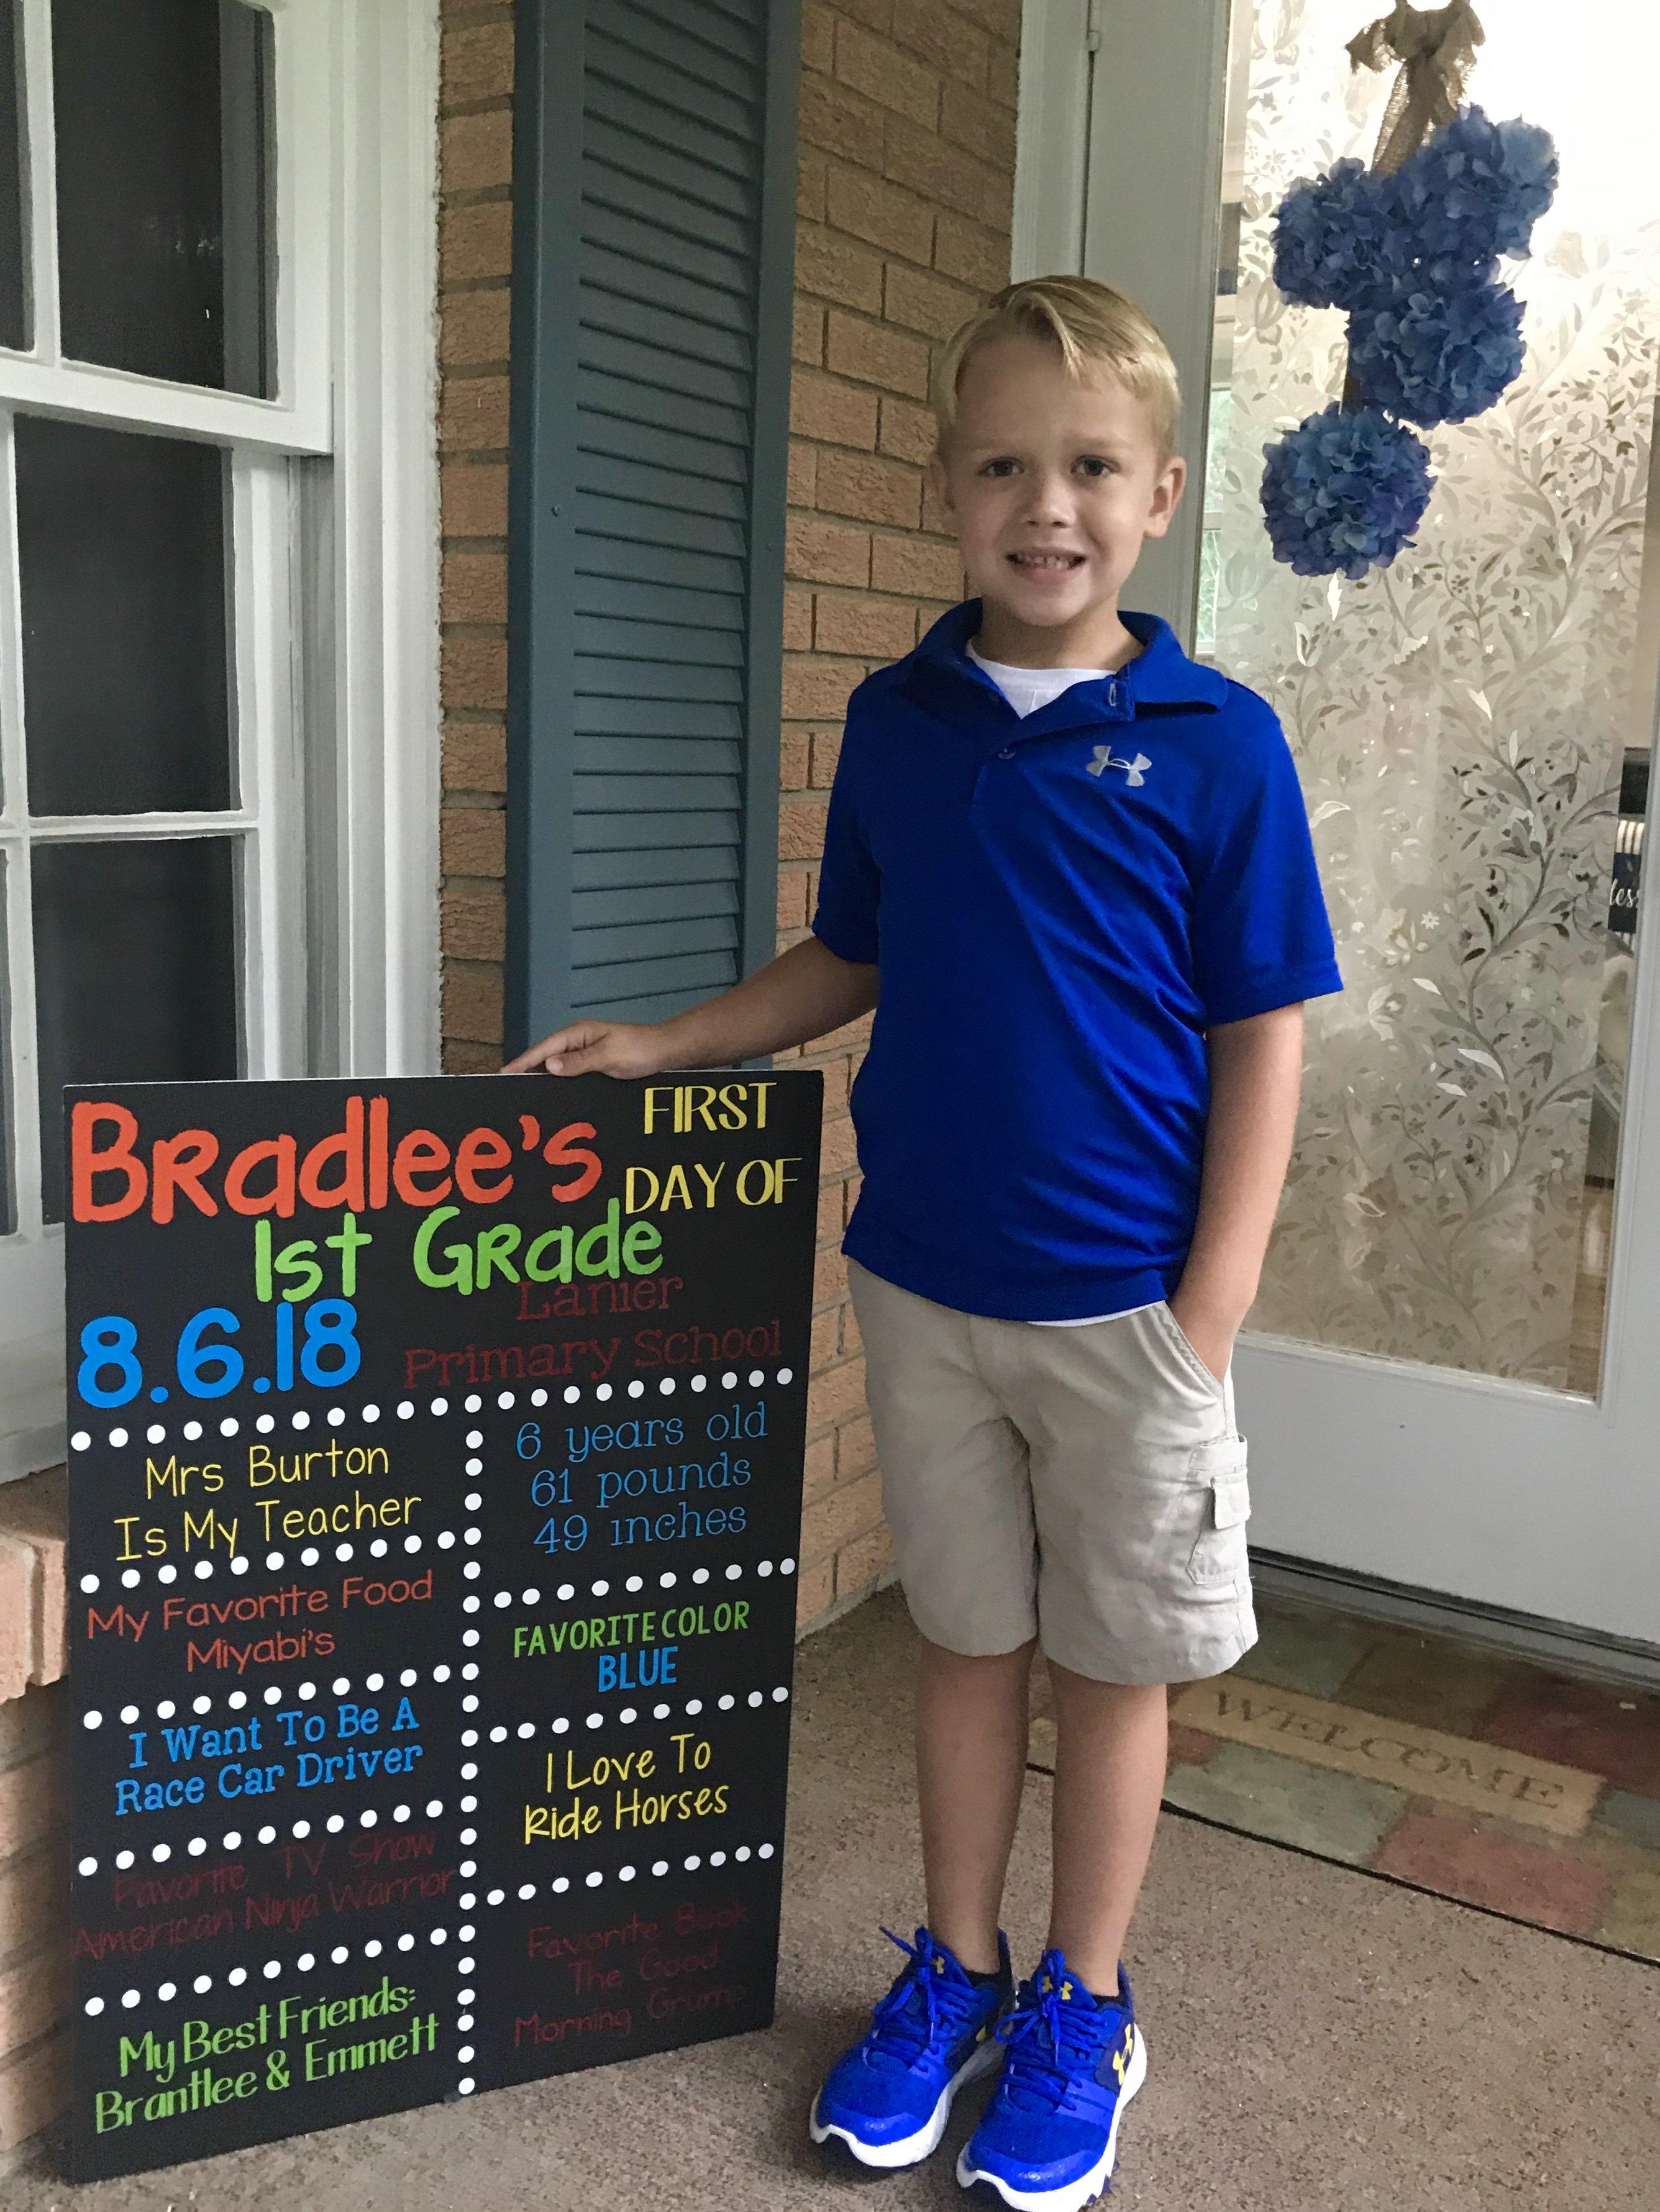 Bradlee, 1st grade, Lanier